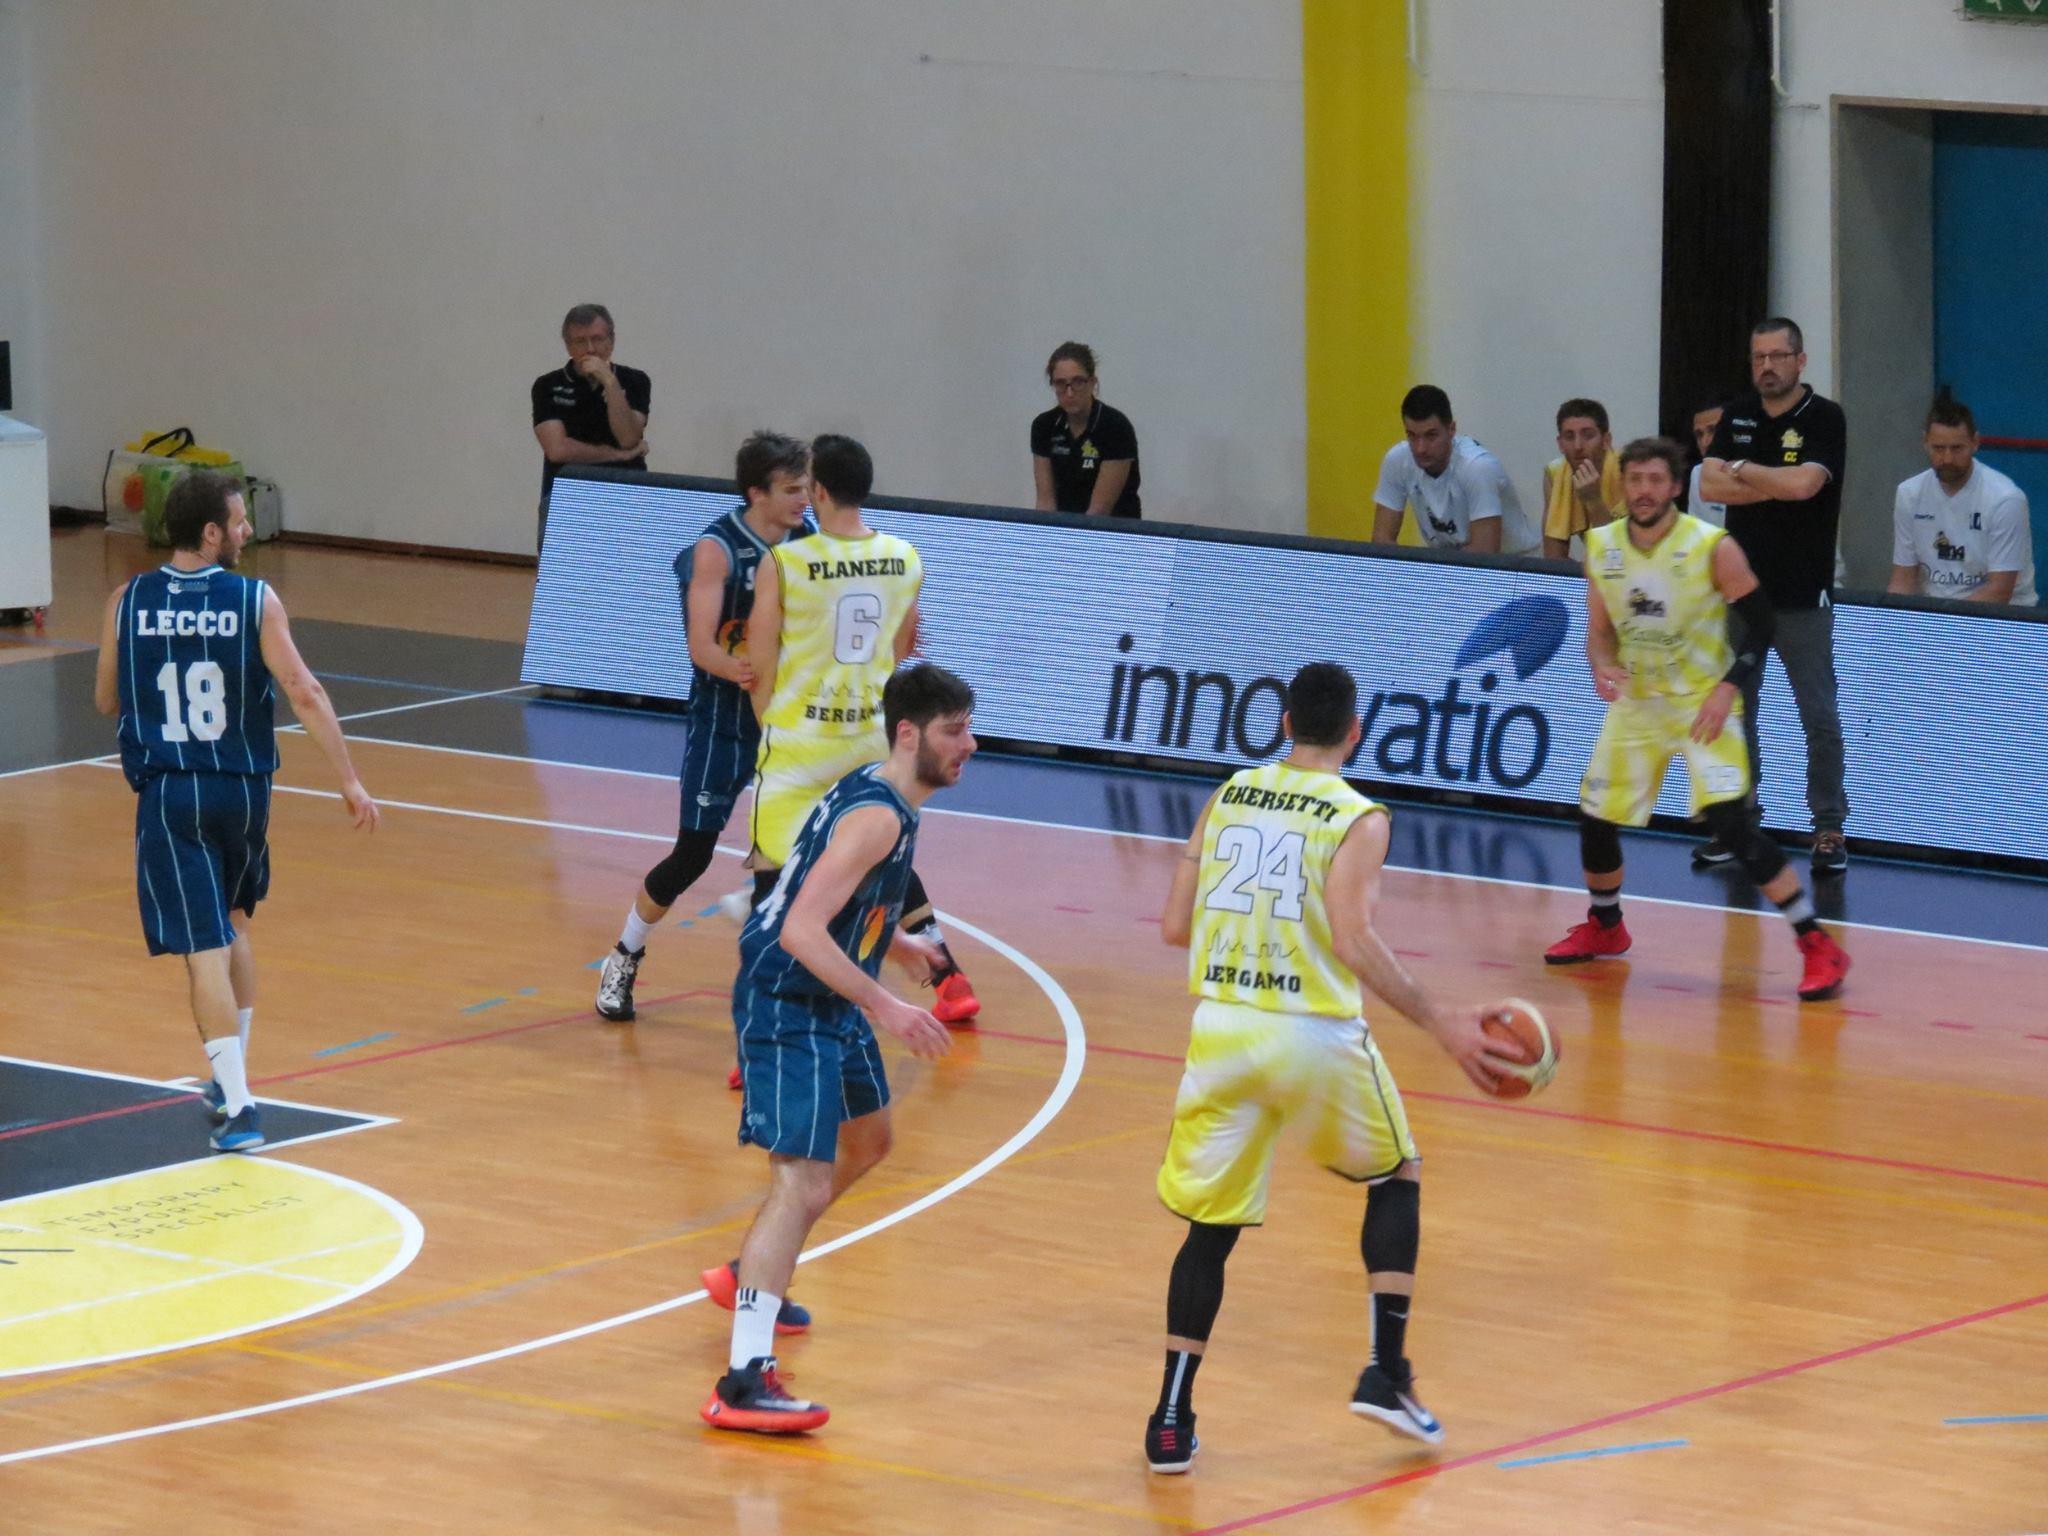 Basket Bergamo Lecco